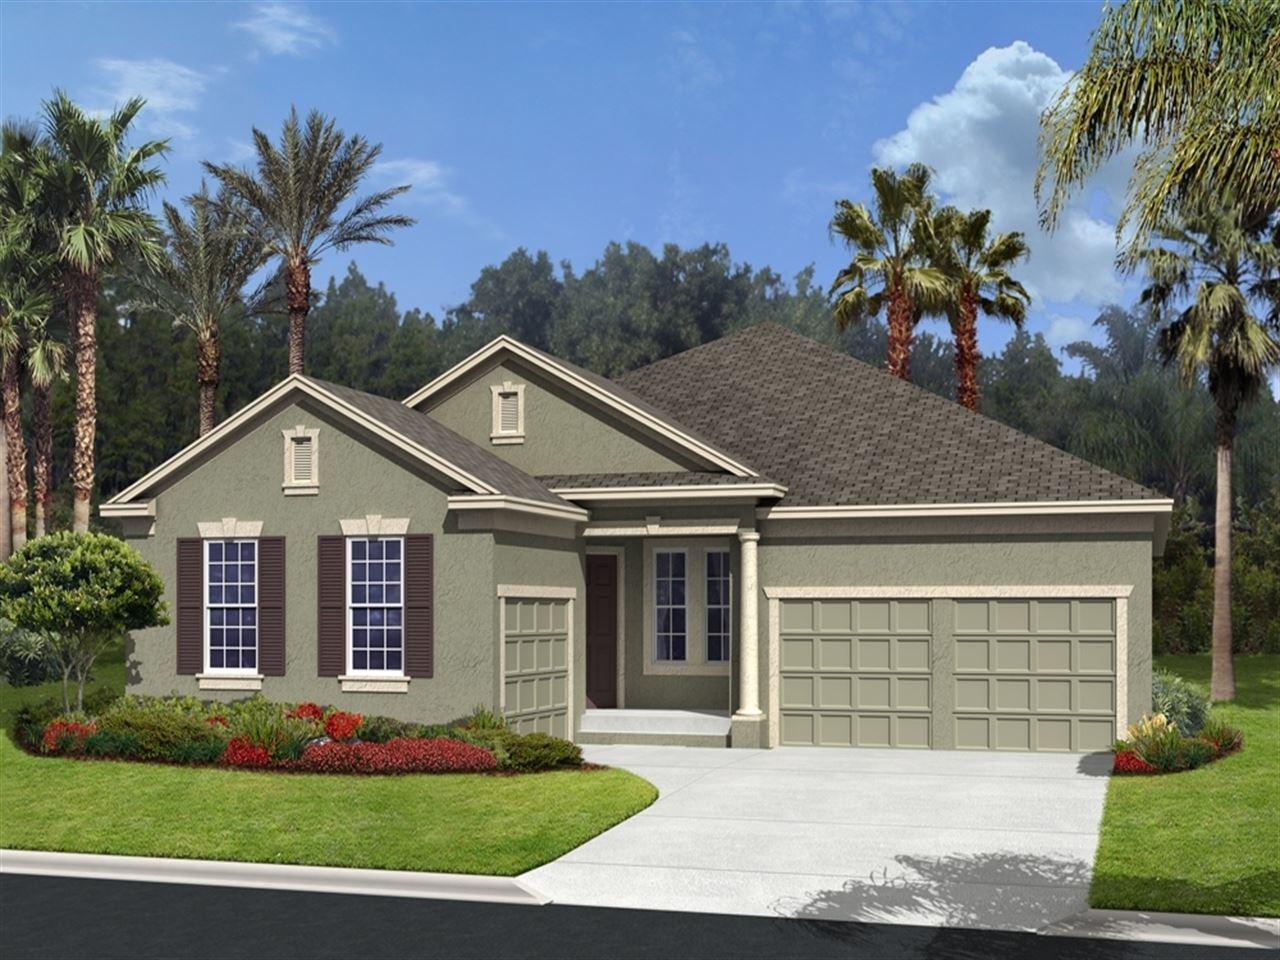 groveland homes for sale homes for sale in groveland fl